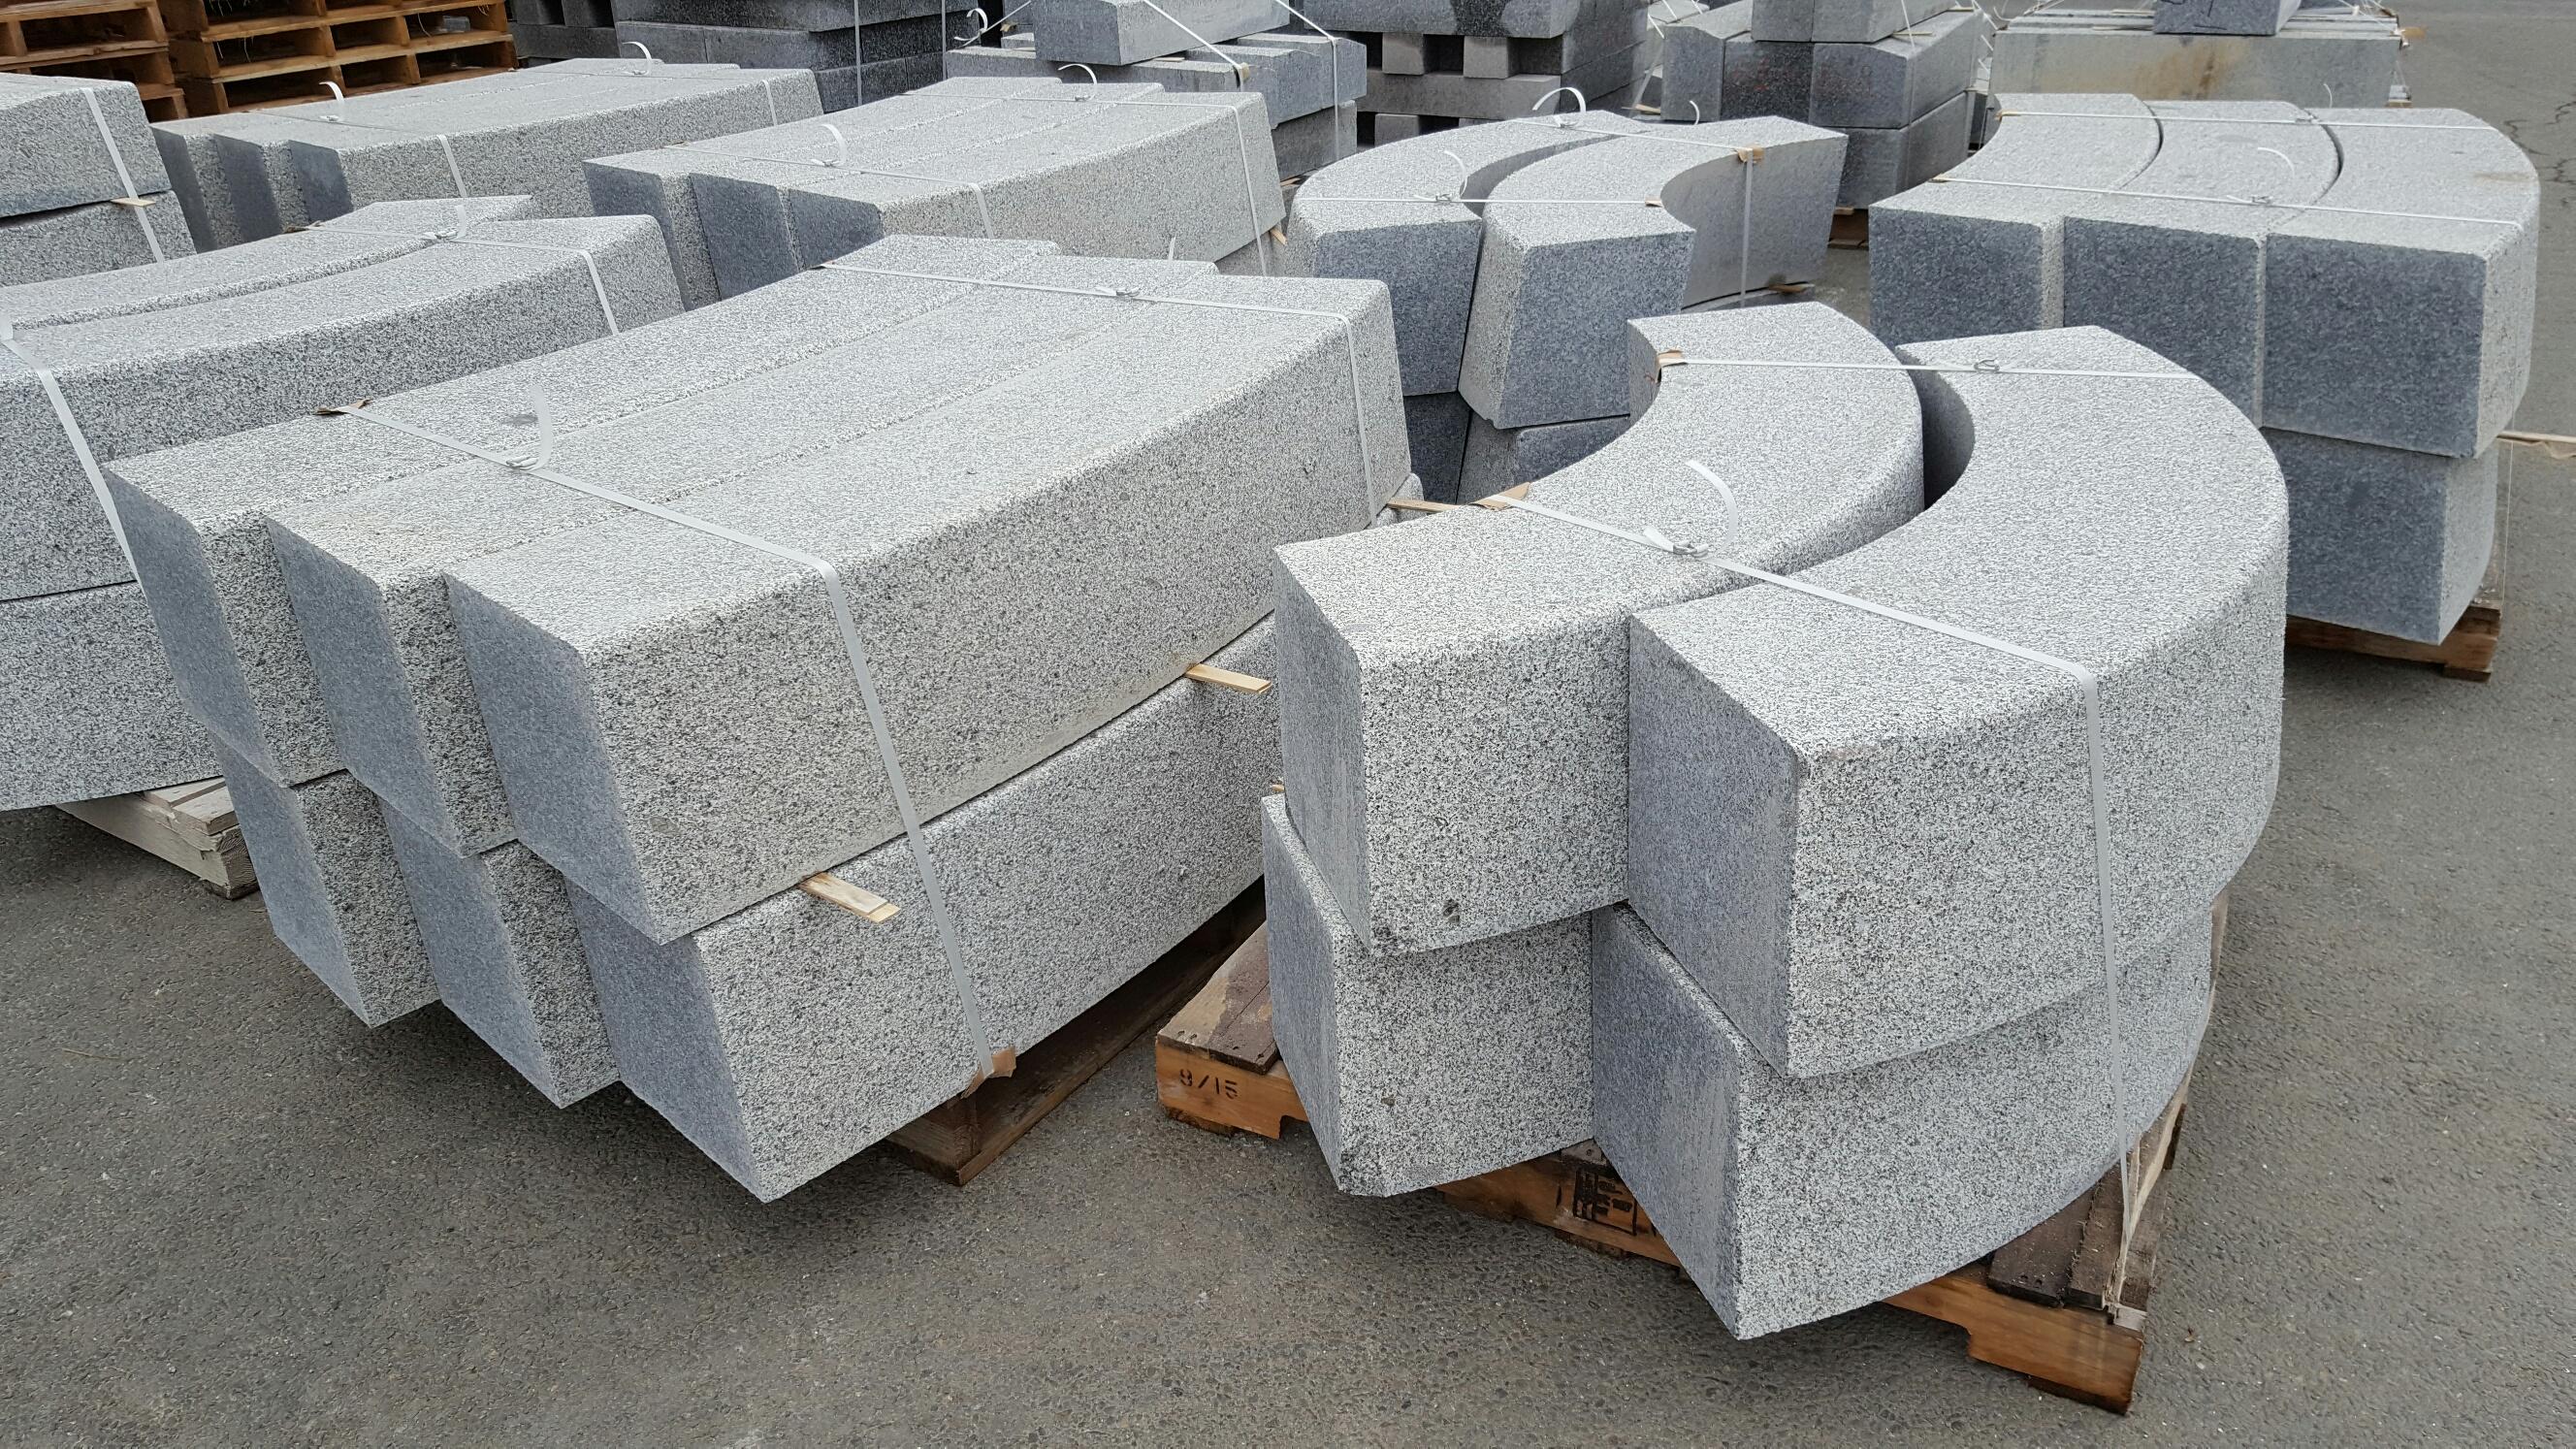 les bordures la g n rale du granit. Black Bedroom Furniture Sets. Home Design Ideas